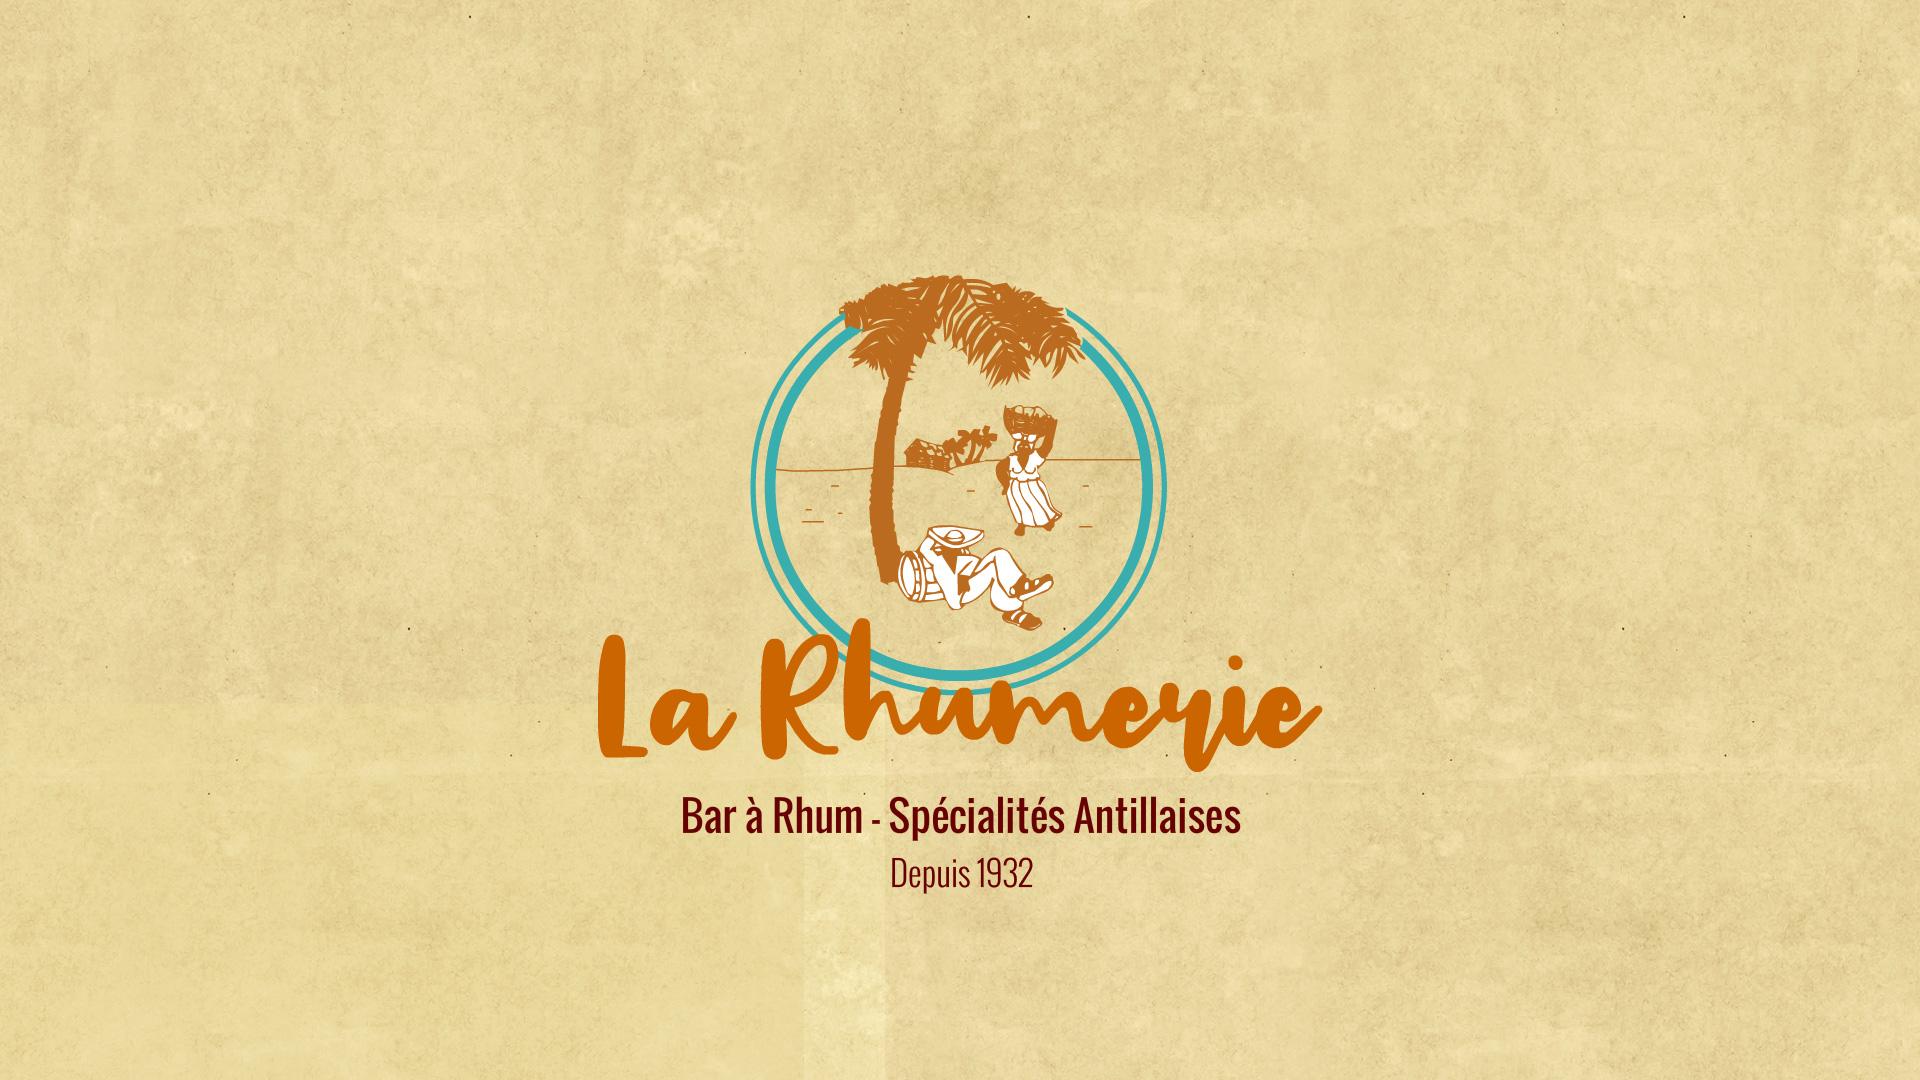 La Rhumerie, vidéo historique